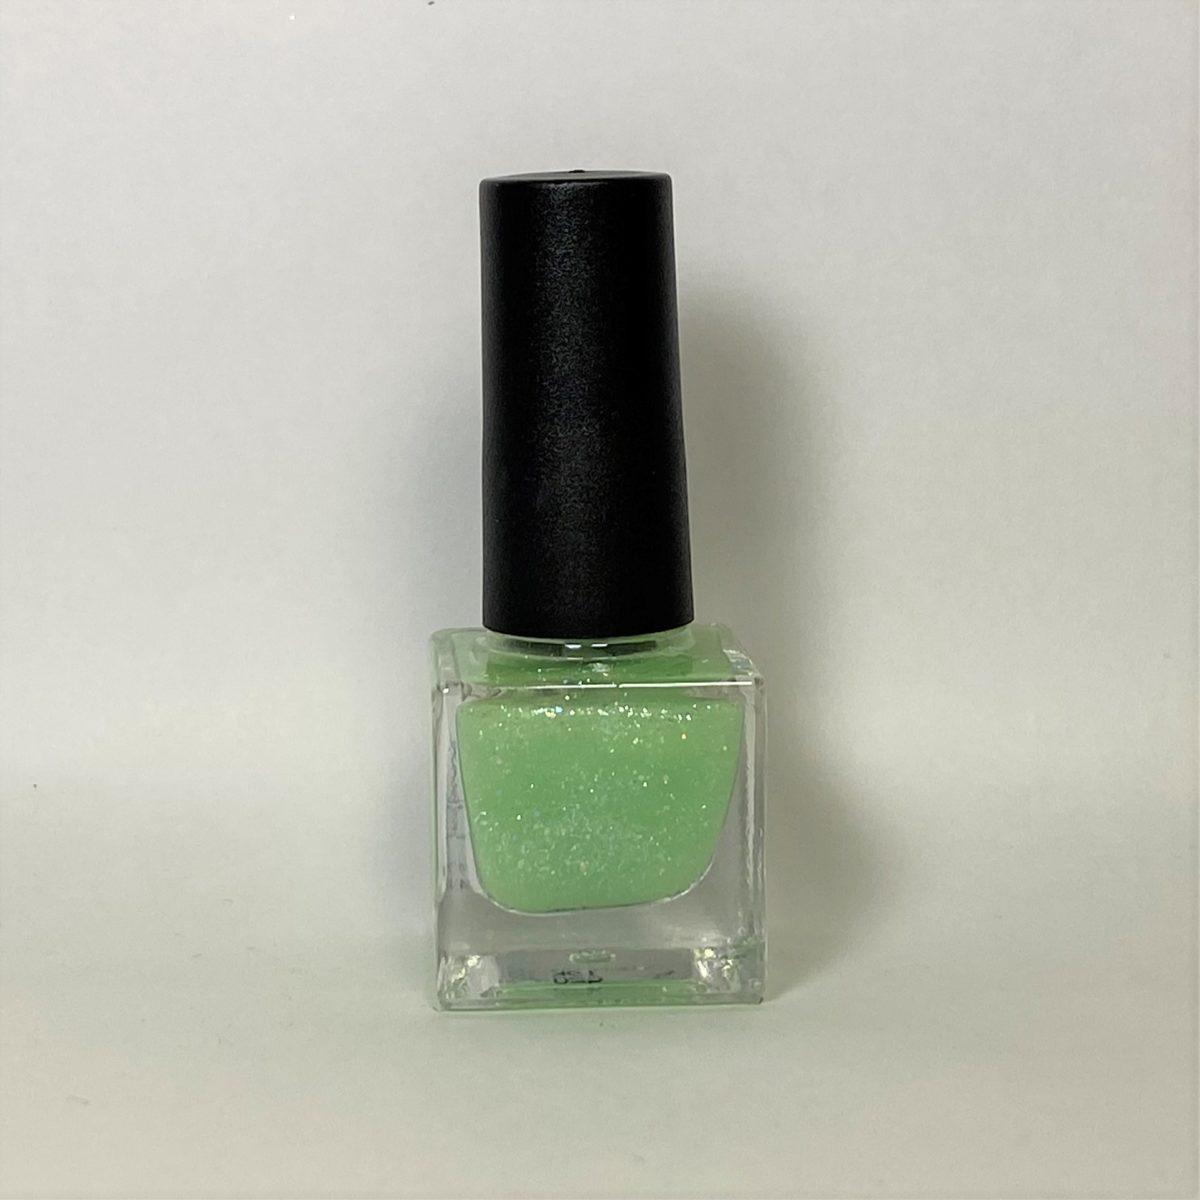 ネイルポリッシュ G20 Light Green